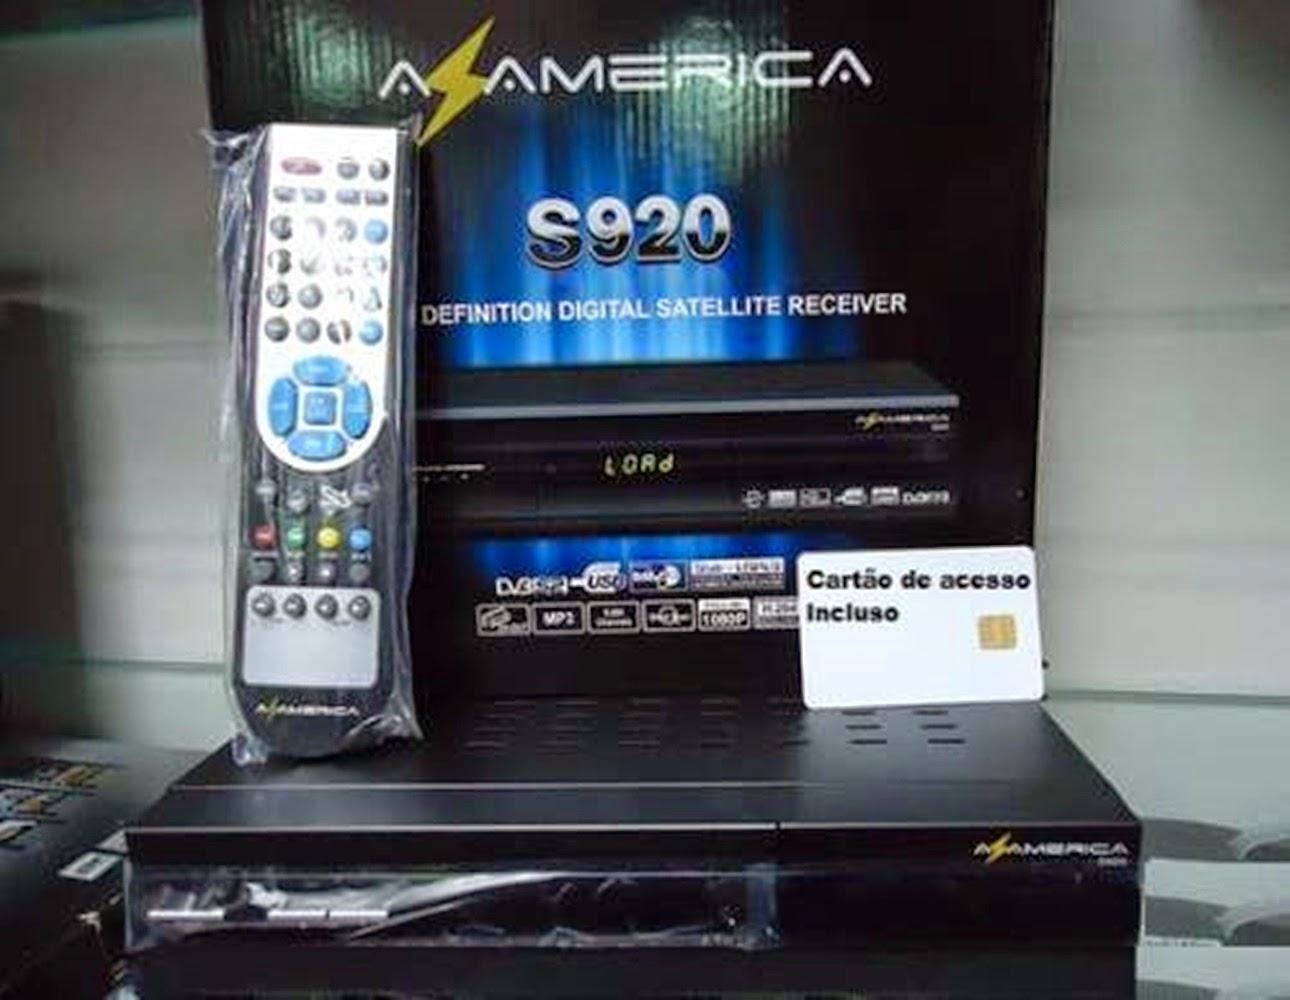 atualização - AZAMERICA S920 NOVA ATUALIZAÇÃO MODIFICADA 11